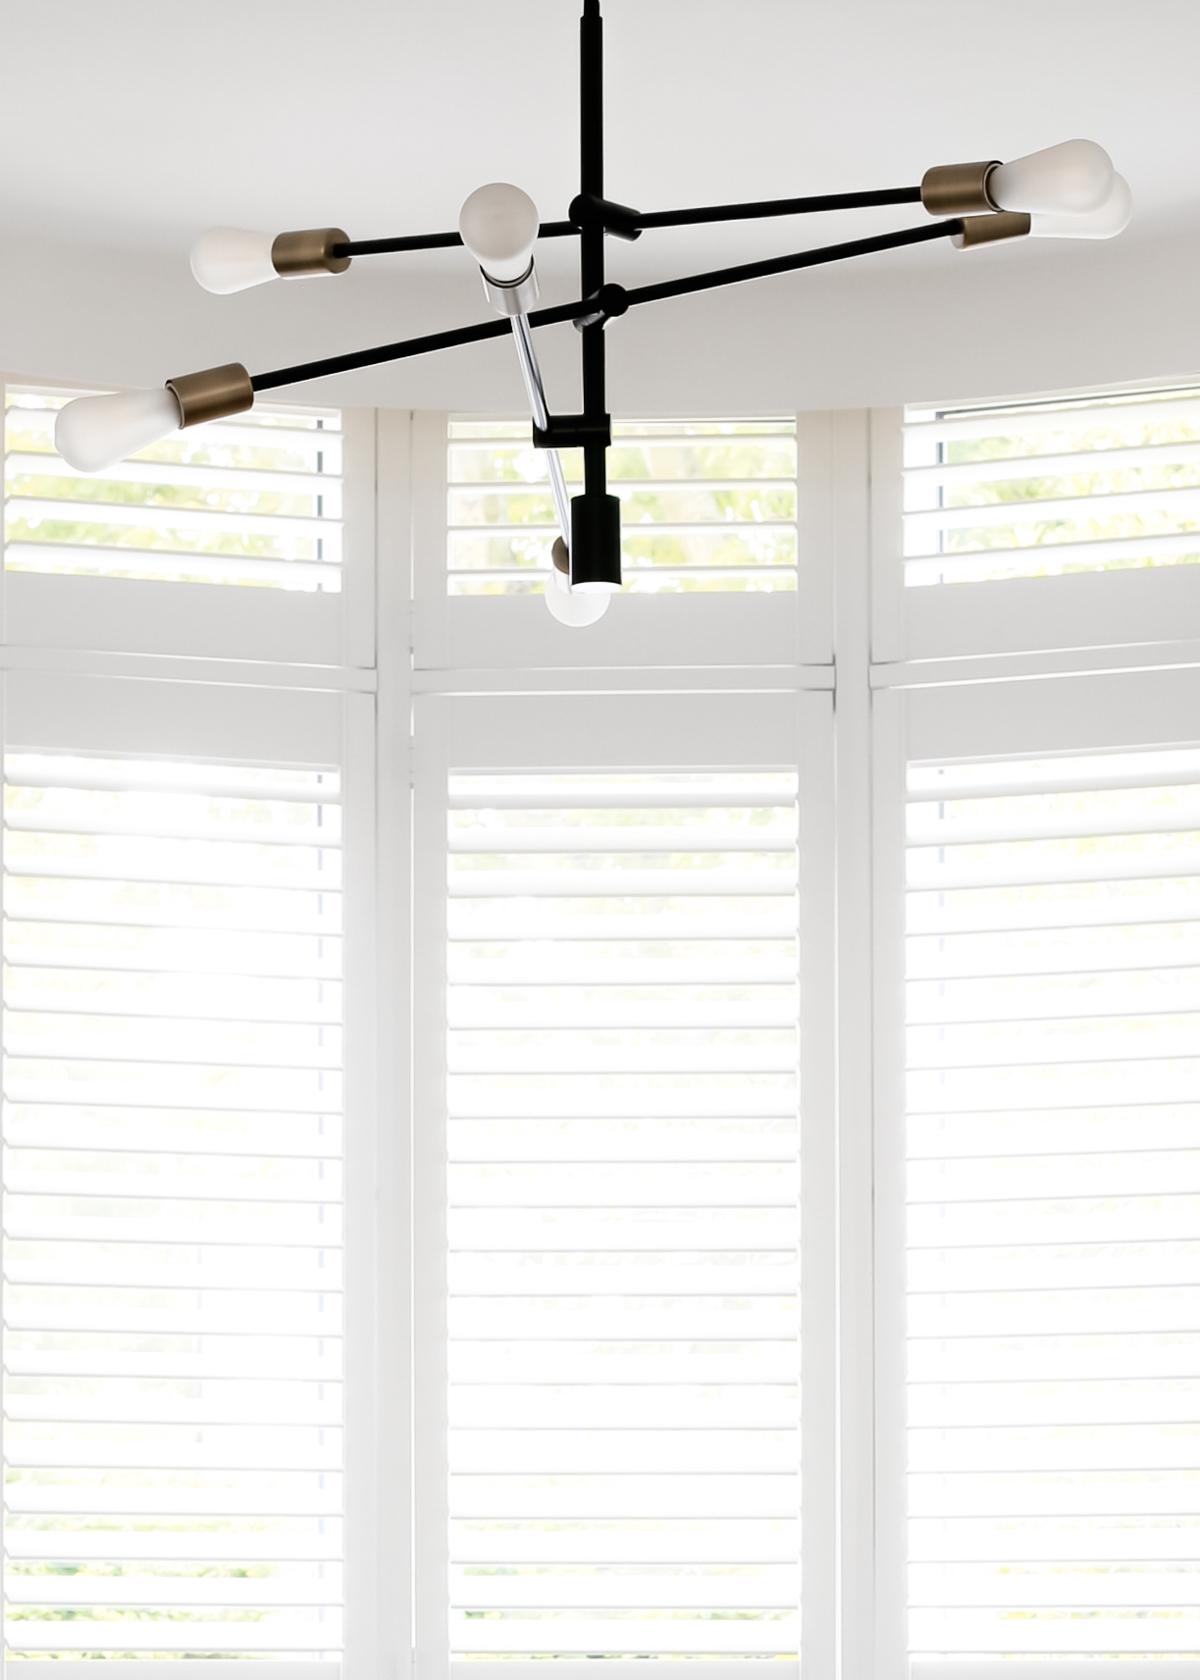 Full height shutters by Apollo Blinds - Design Hunter-1.jpg